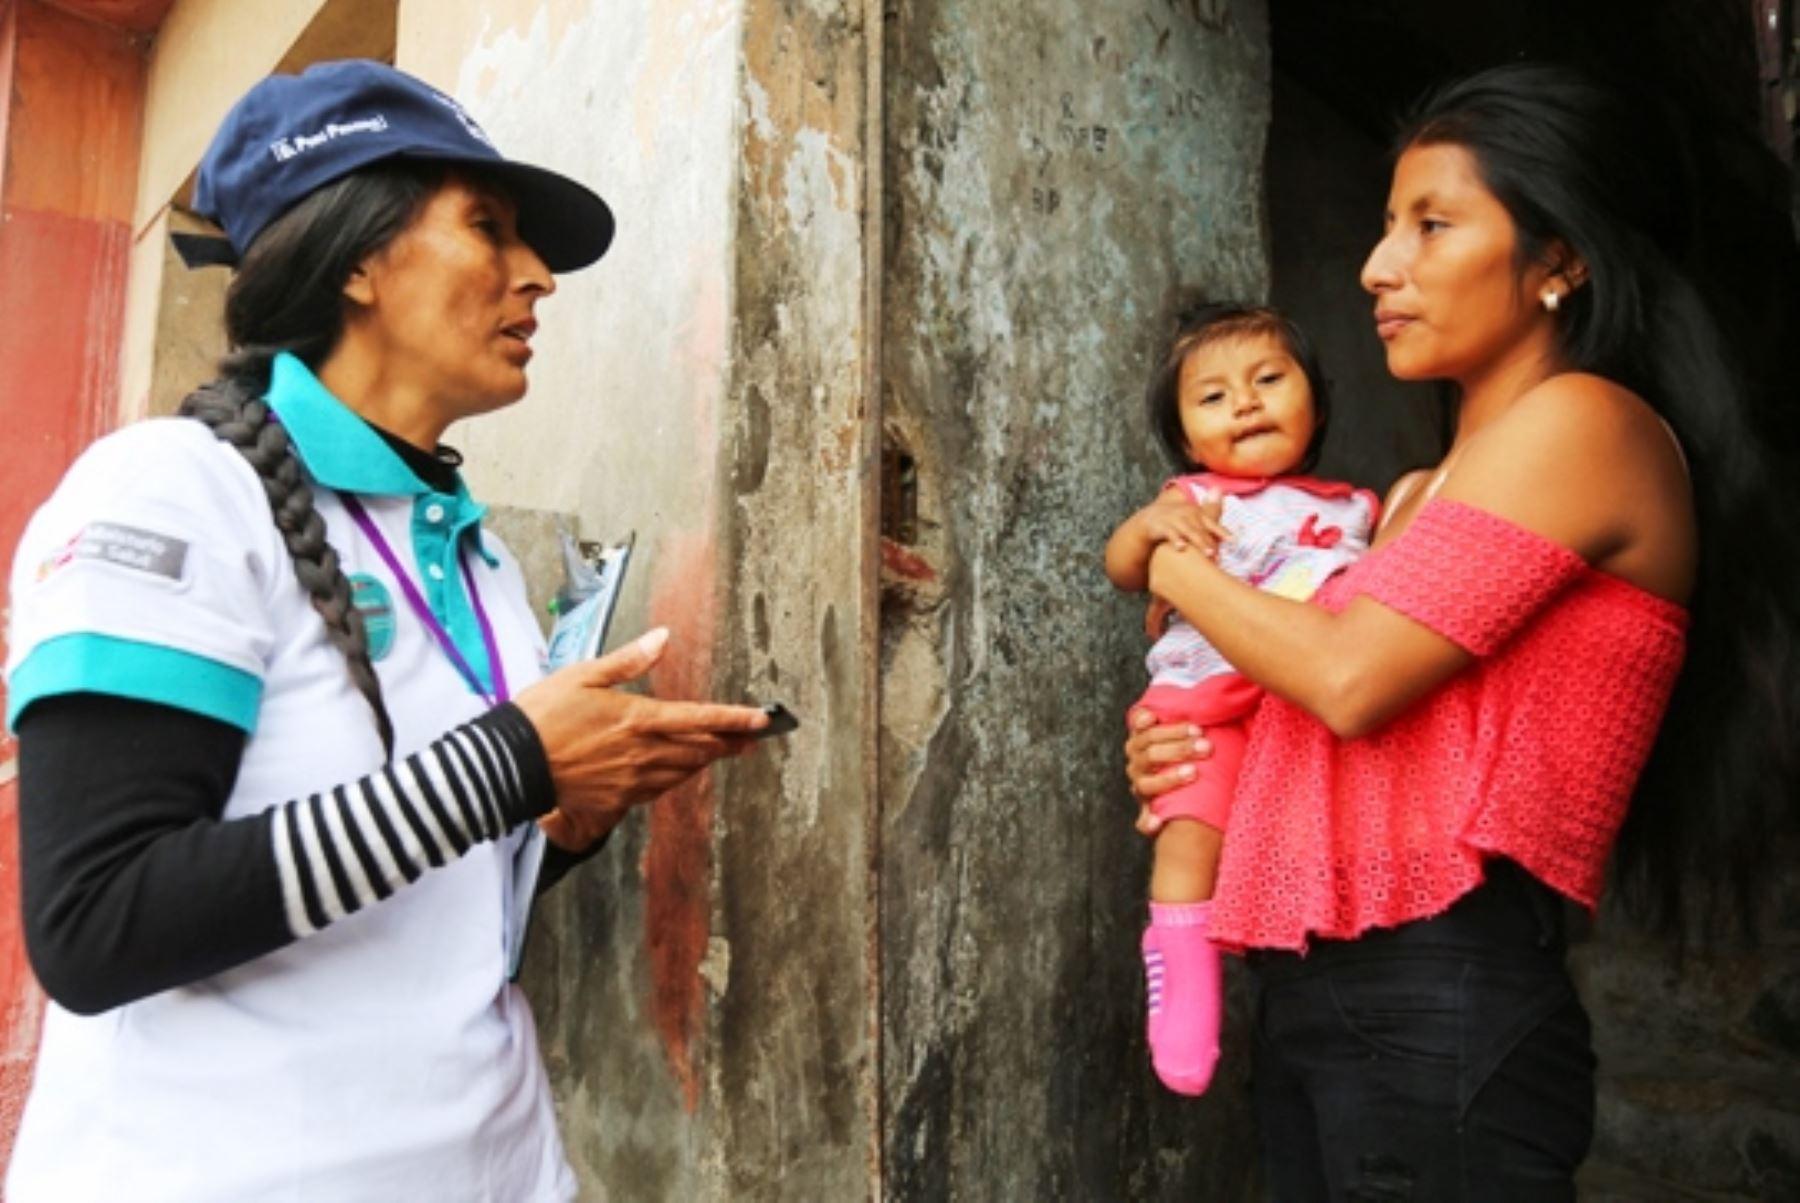 Actores sociales capacitados por el Ministerio de Salud visitaron más de 100,000 hogares del país para prevenir y combatir anemia. ANDINA/Difusión